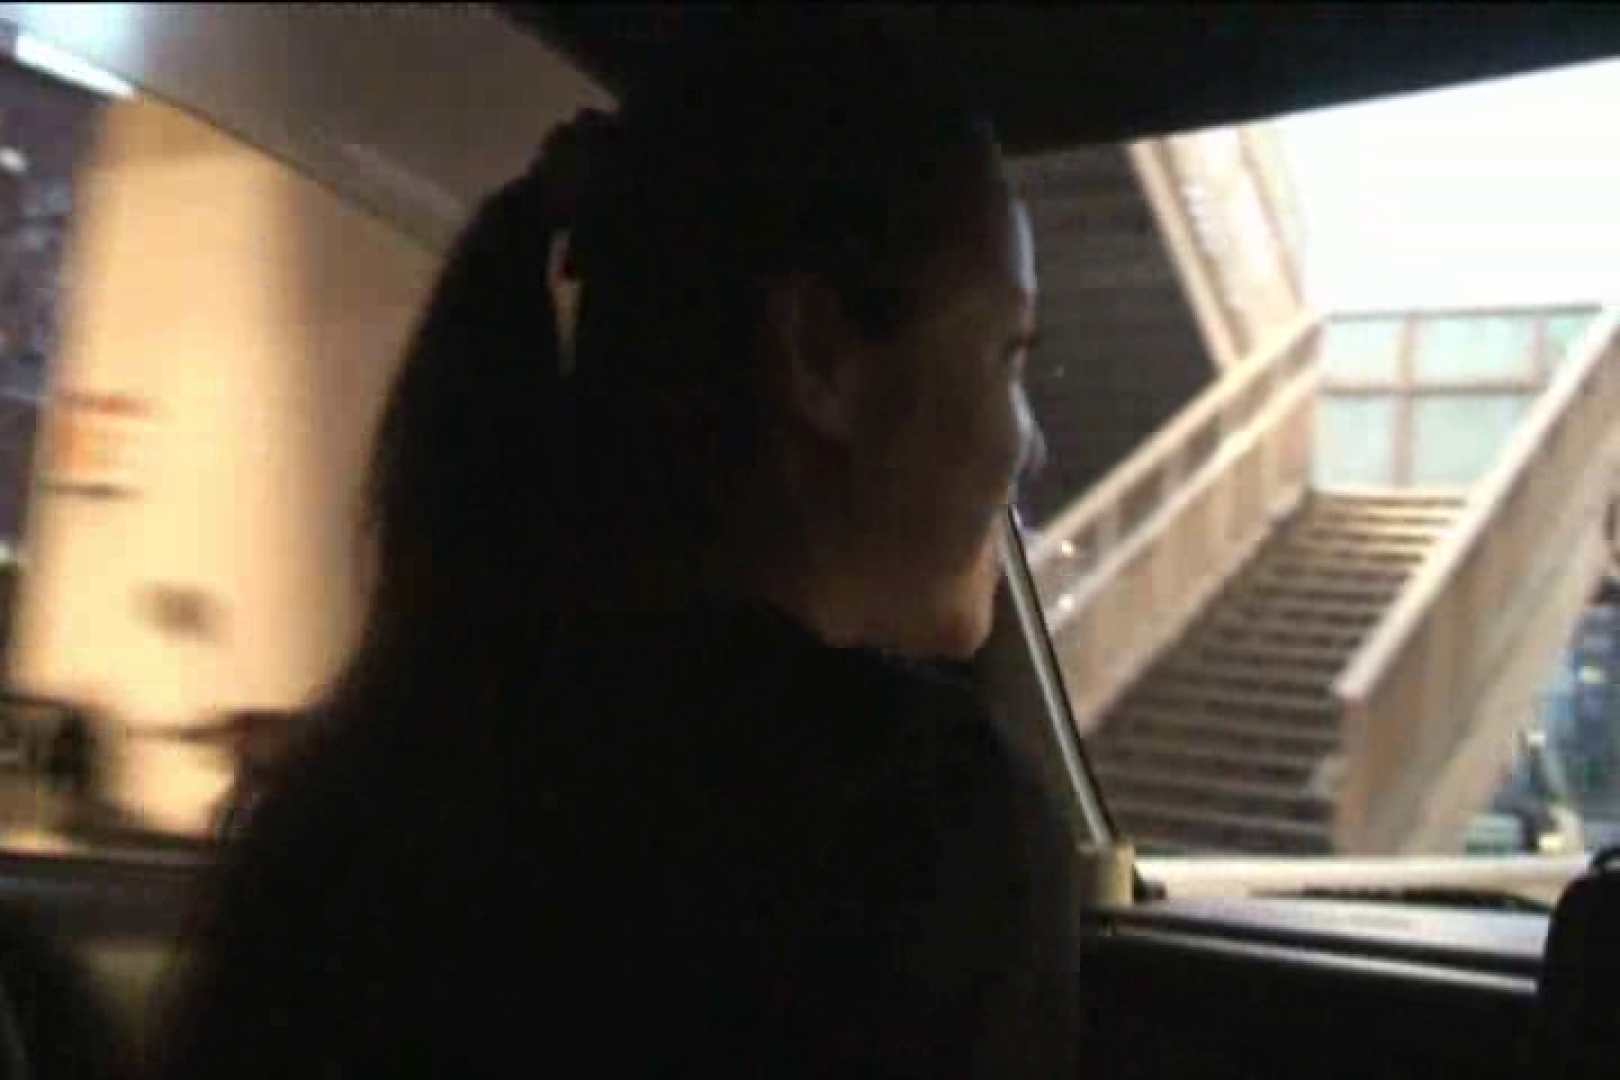 車内で初めまして! vol01 出会い系 おまんこ無修正動画無料 105連発 27